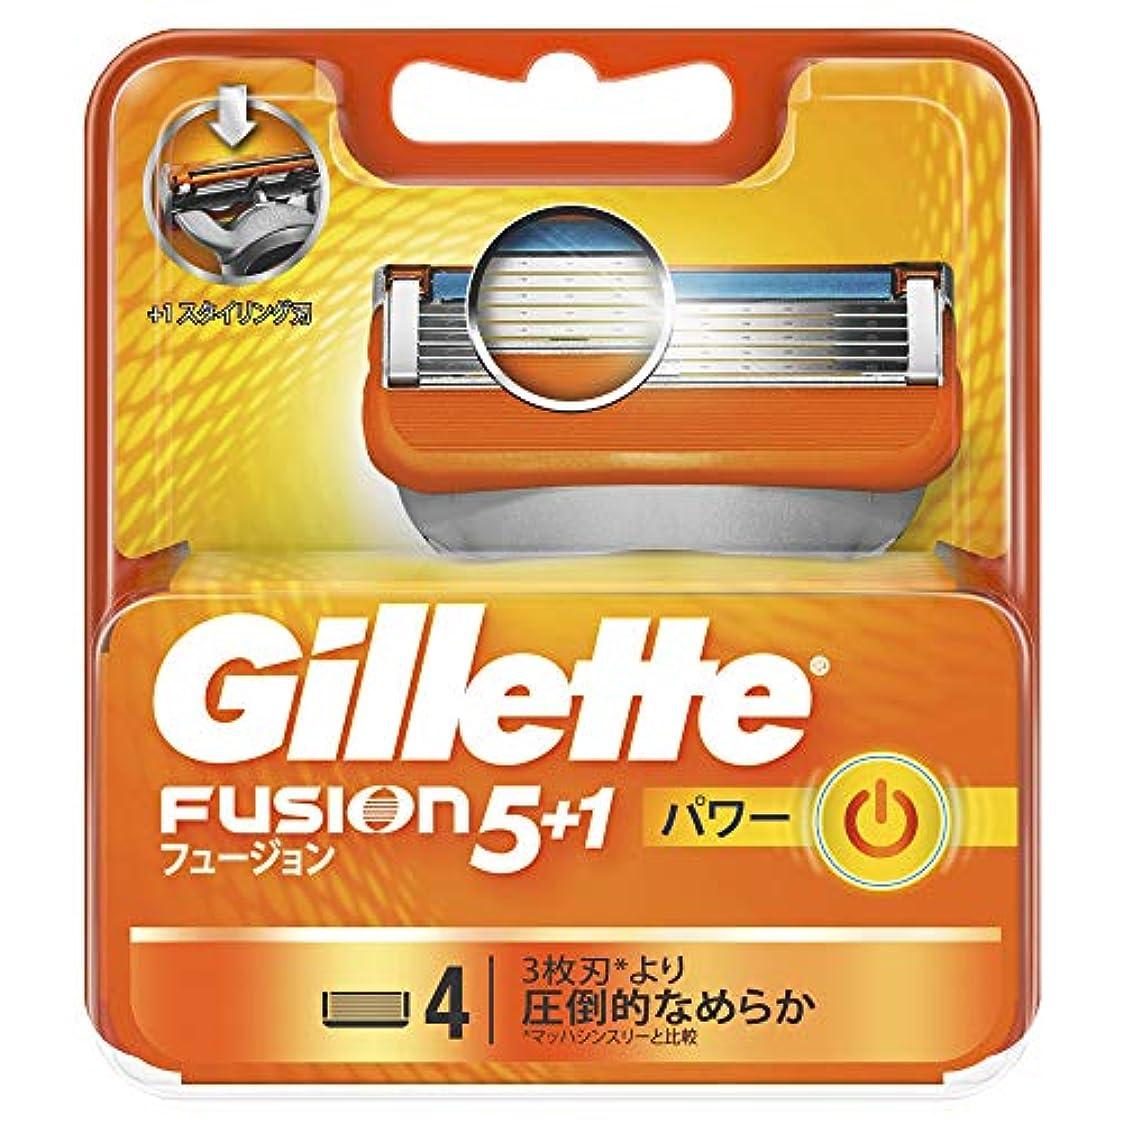 アマチュア現像拍手ジレット 髭剃り フュージョン 5+1 パワー 替刃4個入